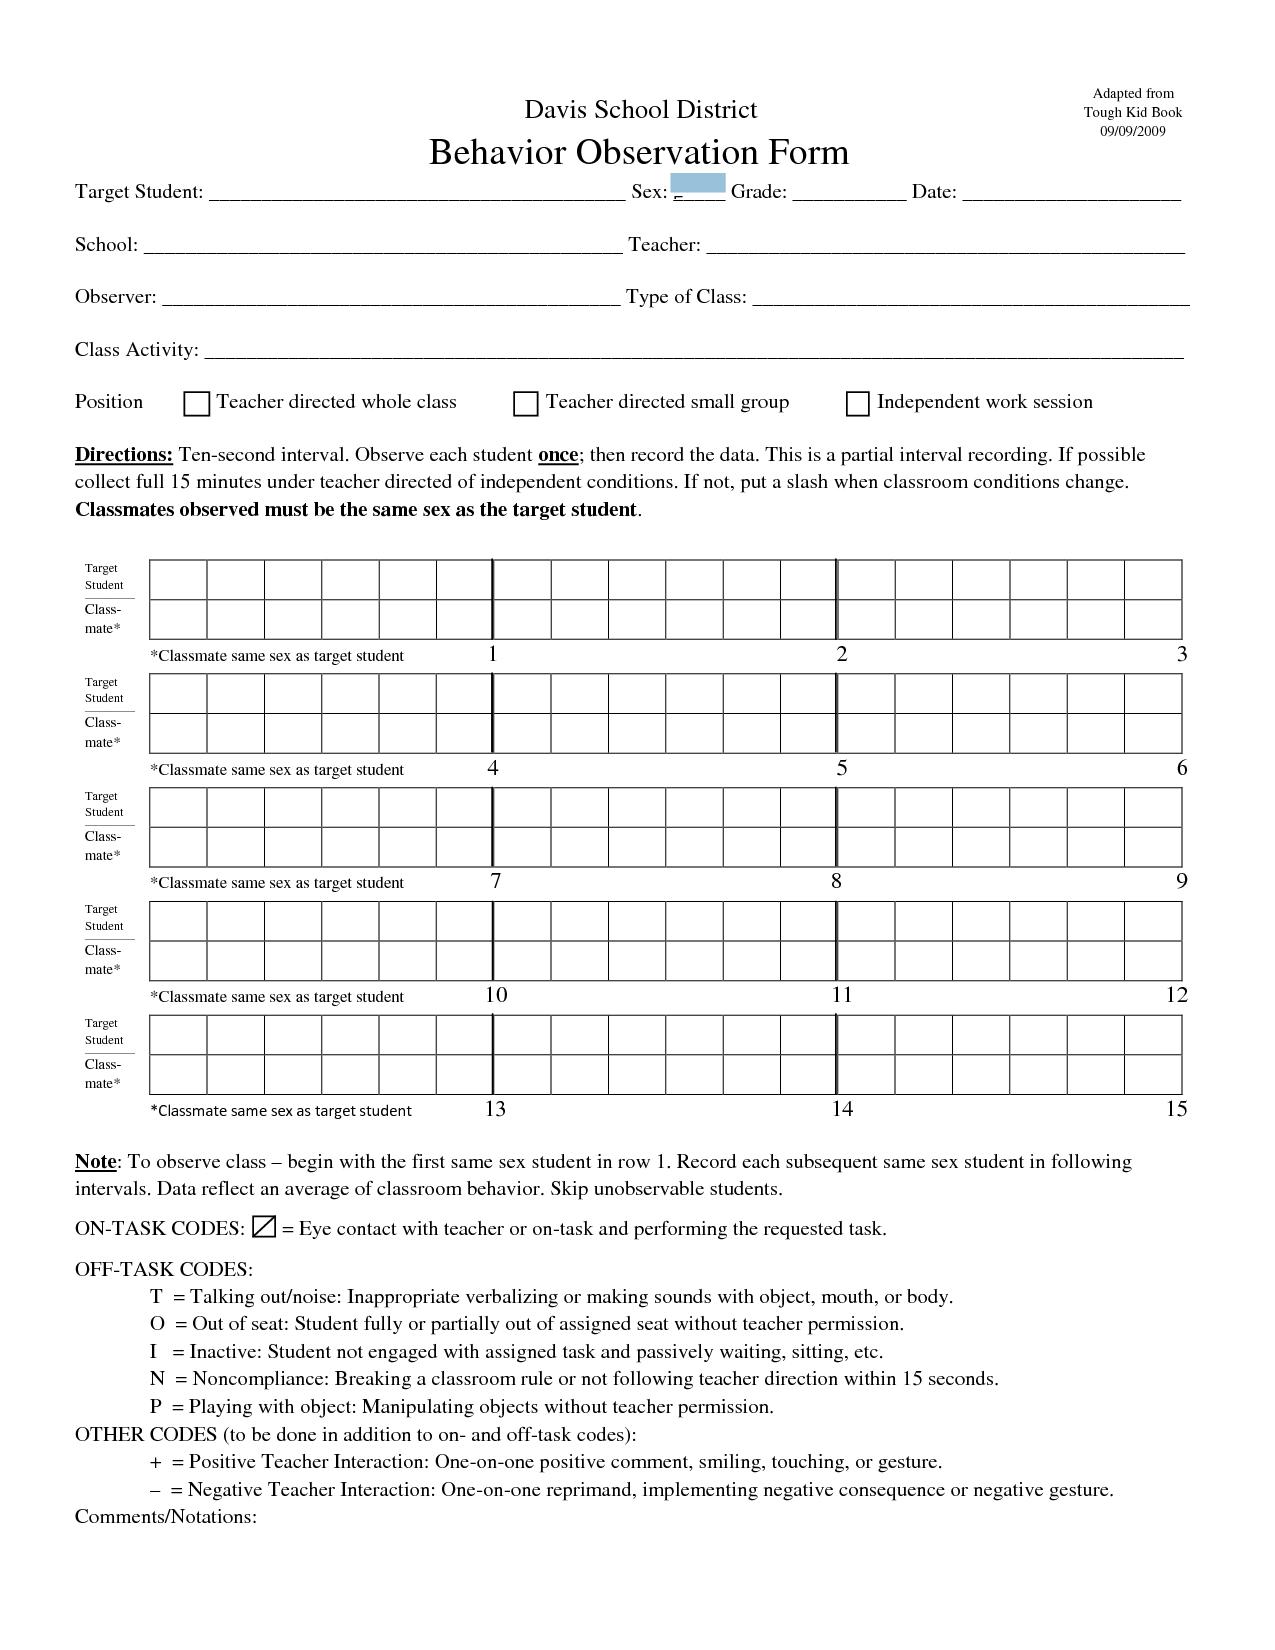 Student Behavior Observation Form